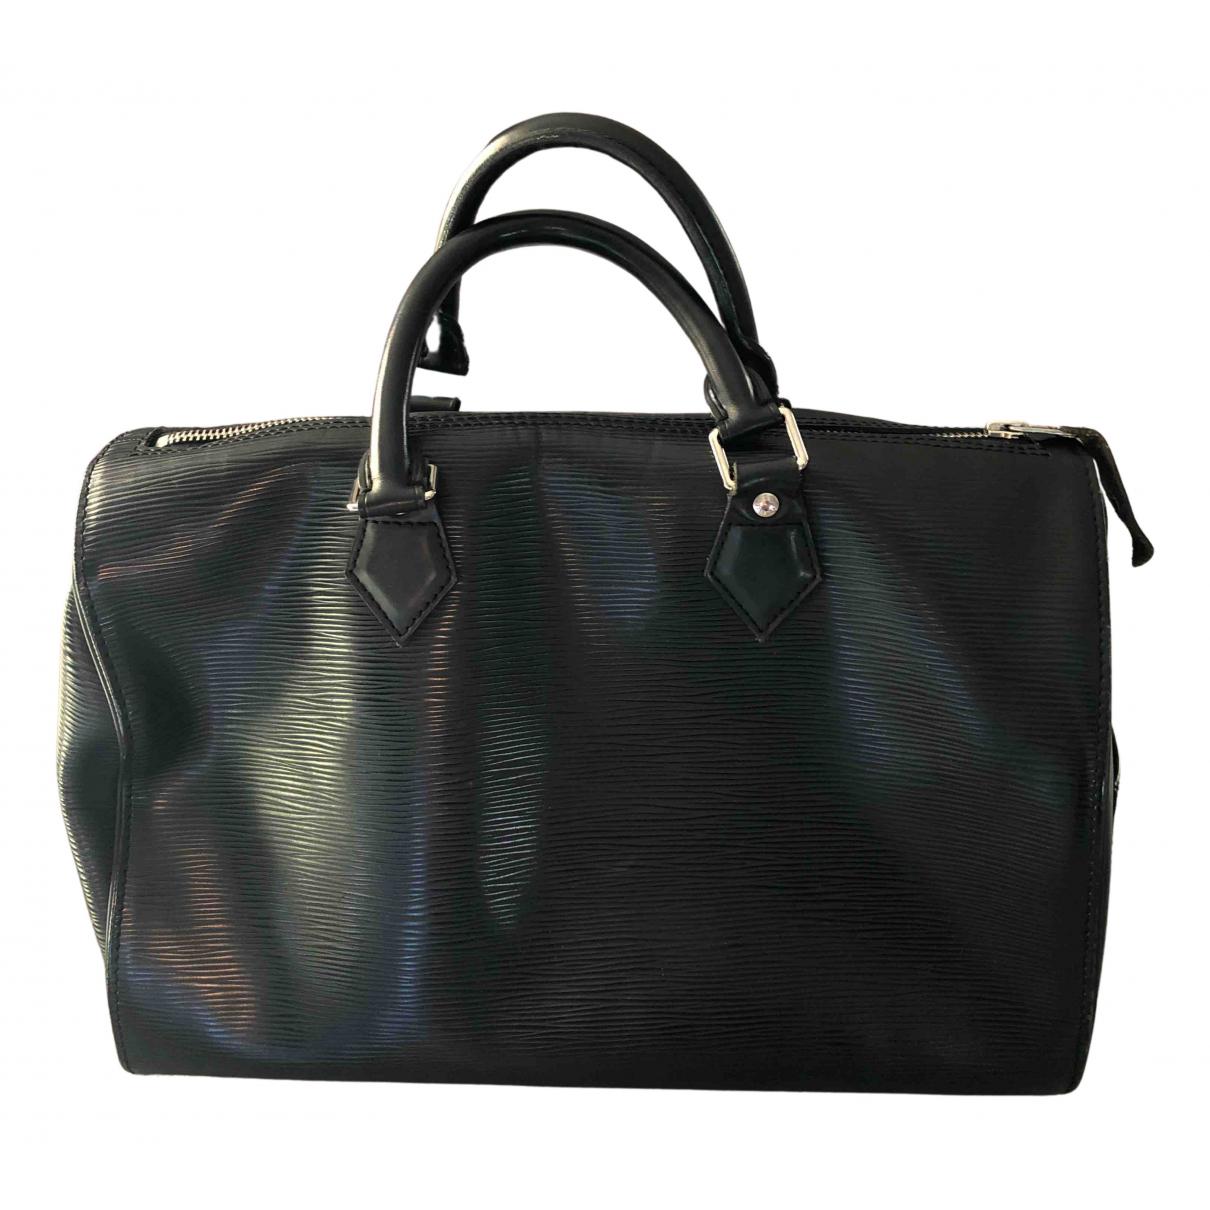 Louis Vuitton Speedy Handtasche in  Schwarz Leder